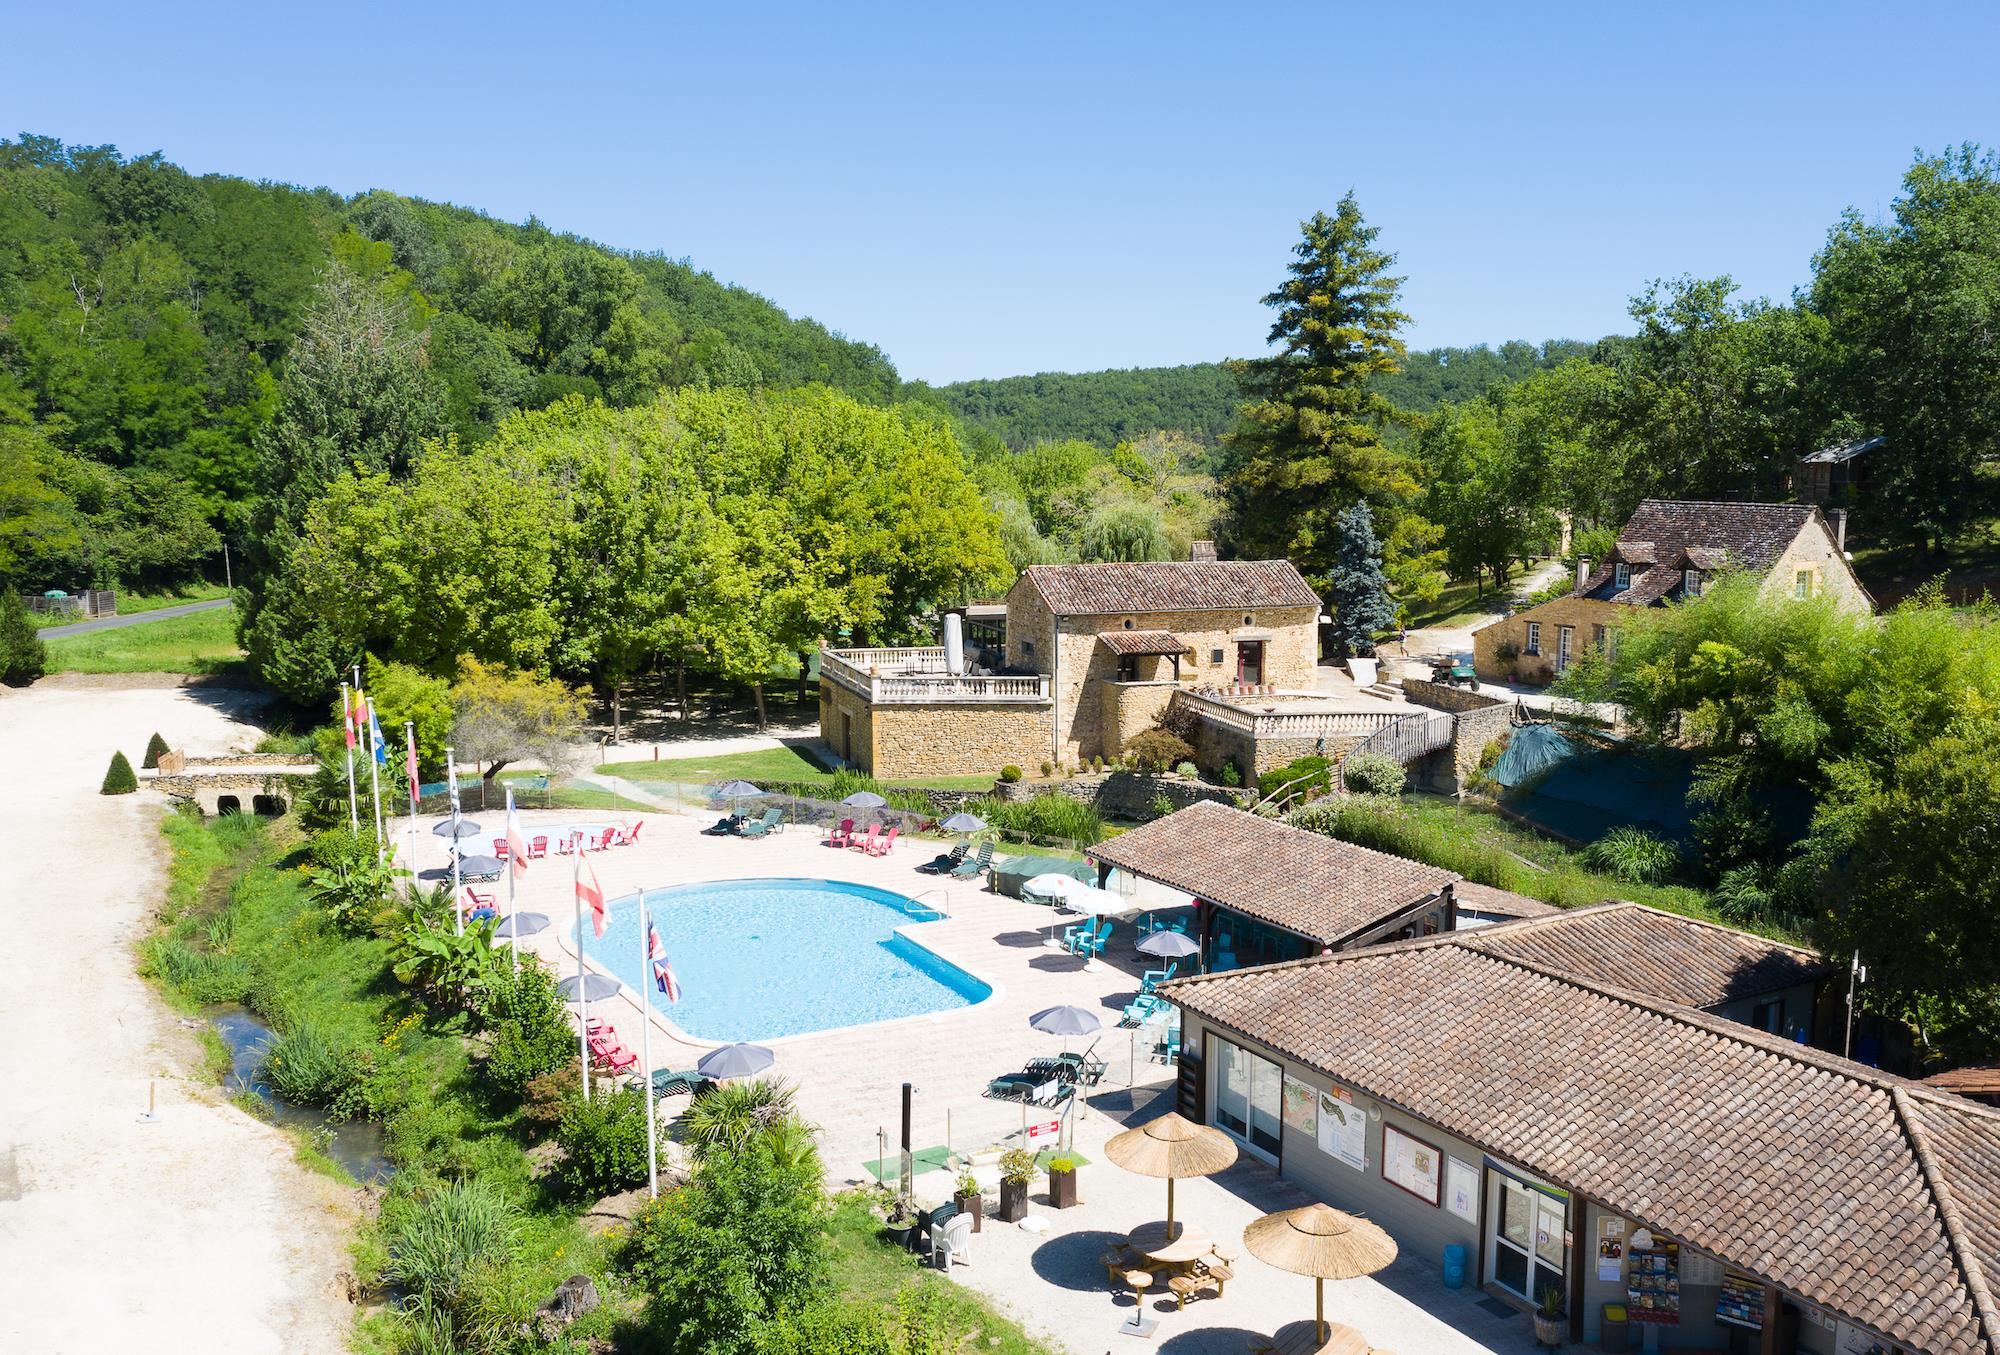 Camping le Moulin de Surier, Beaumont-du-Périgord, Dordogne